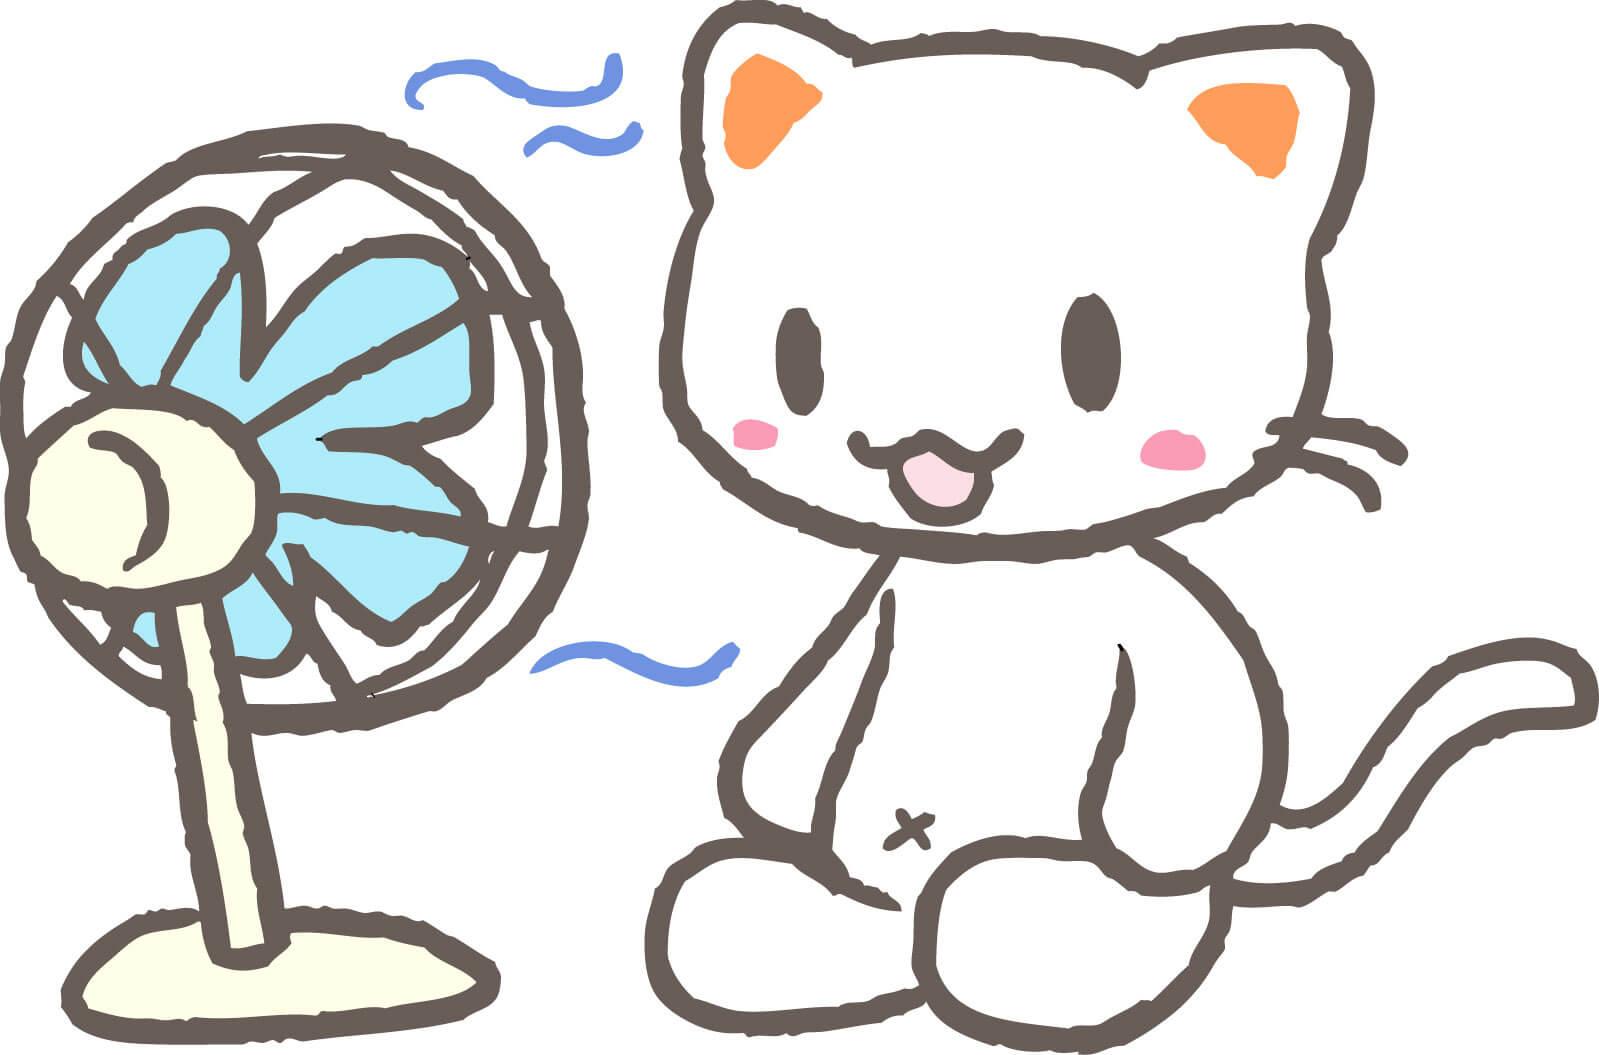 扇風機の当たりすぎによって死ぬ!?扇風機の怖さとは?